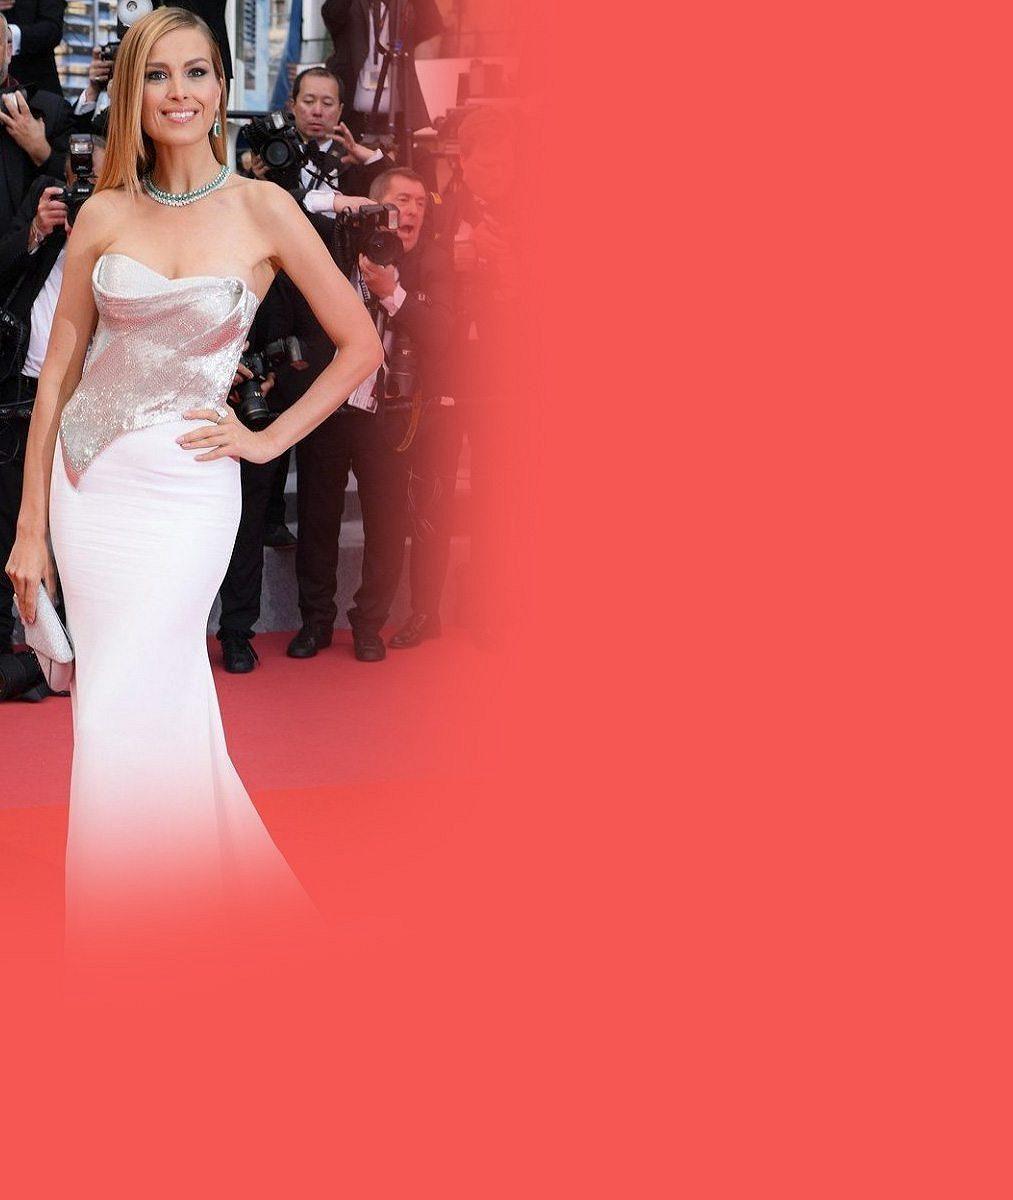 Česká krása na festivalu v Cannes: Tradičně dokonalá Petra Němcová ozdobila červený koberec